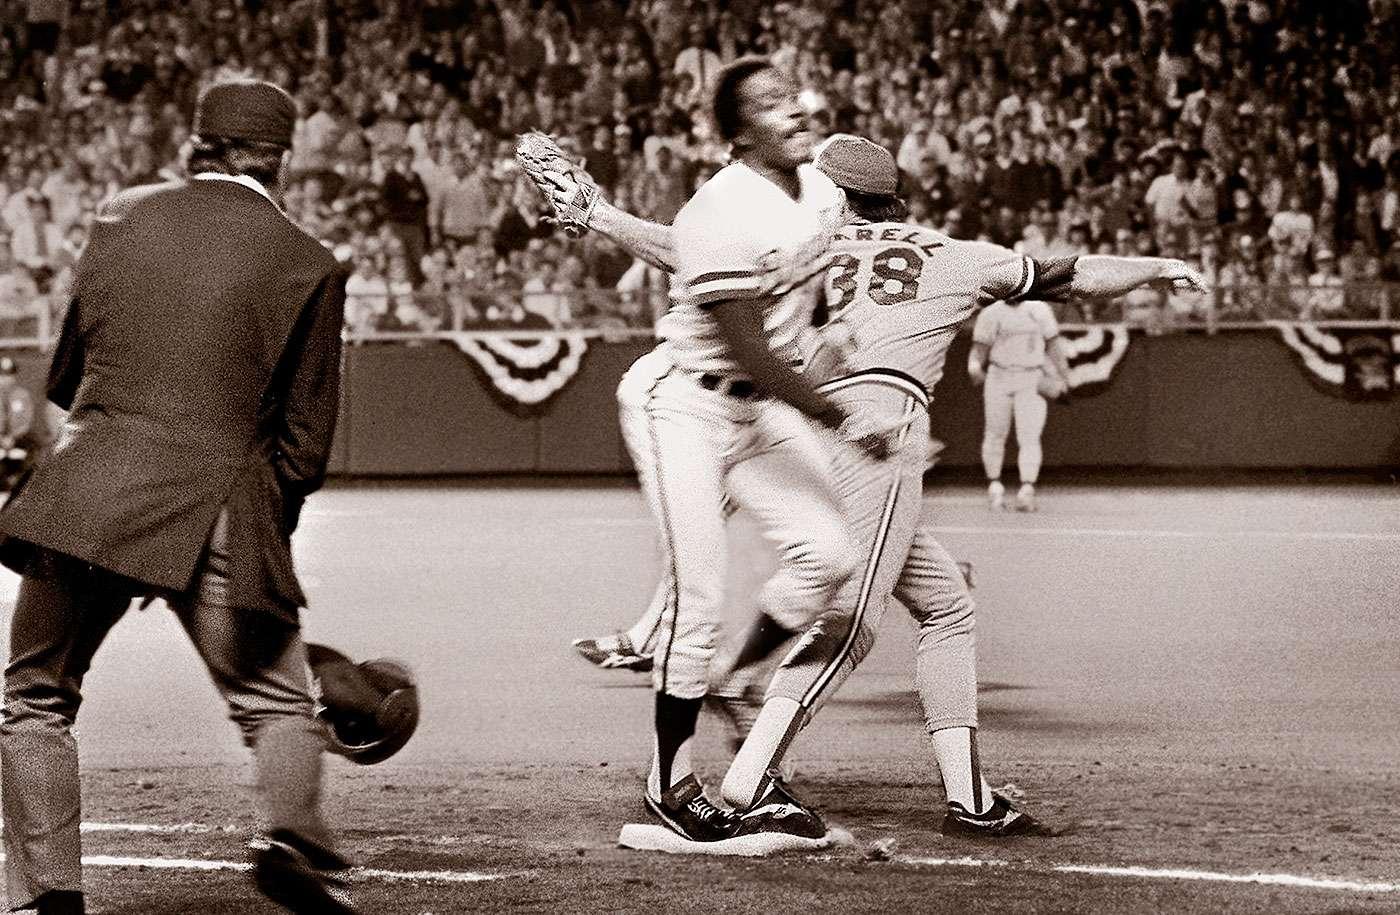 El error de Don Denkinger en la primera base se mantiene como el momento más memorable de la última vez que la Serie Mundial estuvo en Kansas City, allá en 1985. Foto: The Kansas City Star, Patrick Sullivan/AP